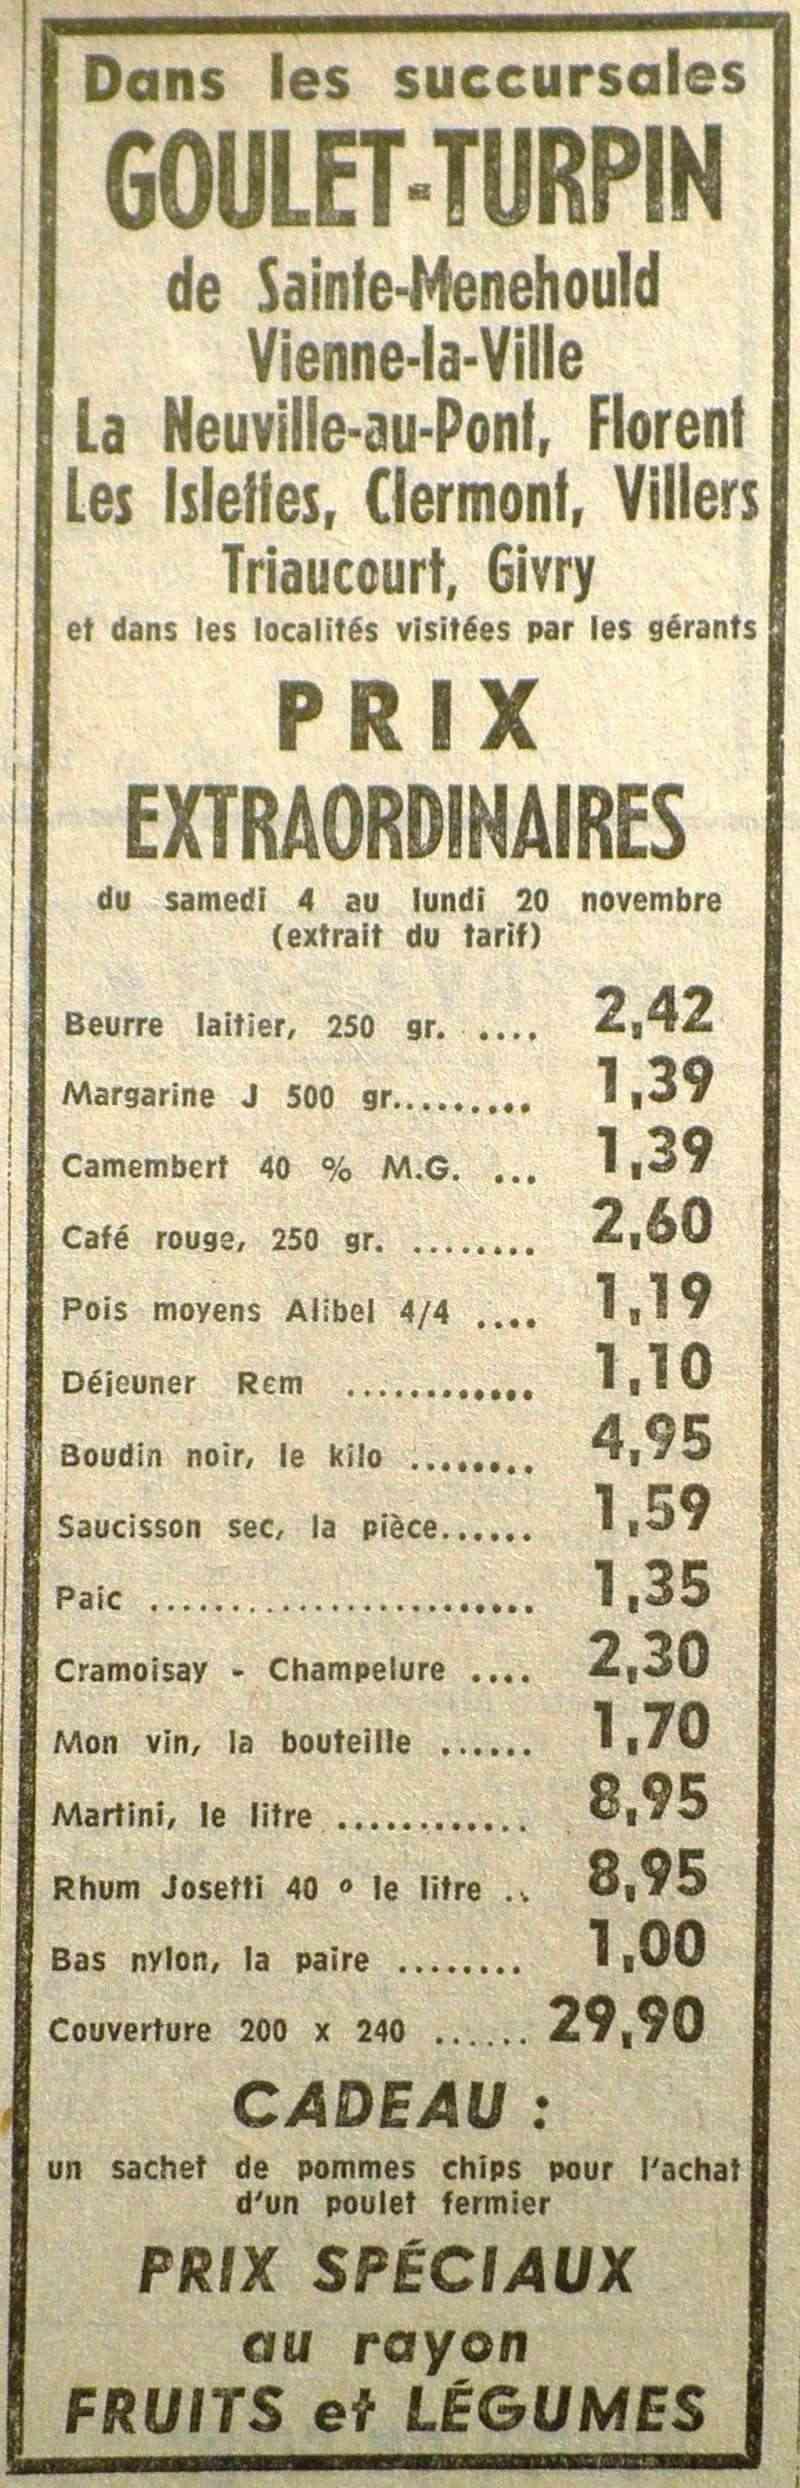 La Marne, Berceau du Succursalisme 1967-110